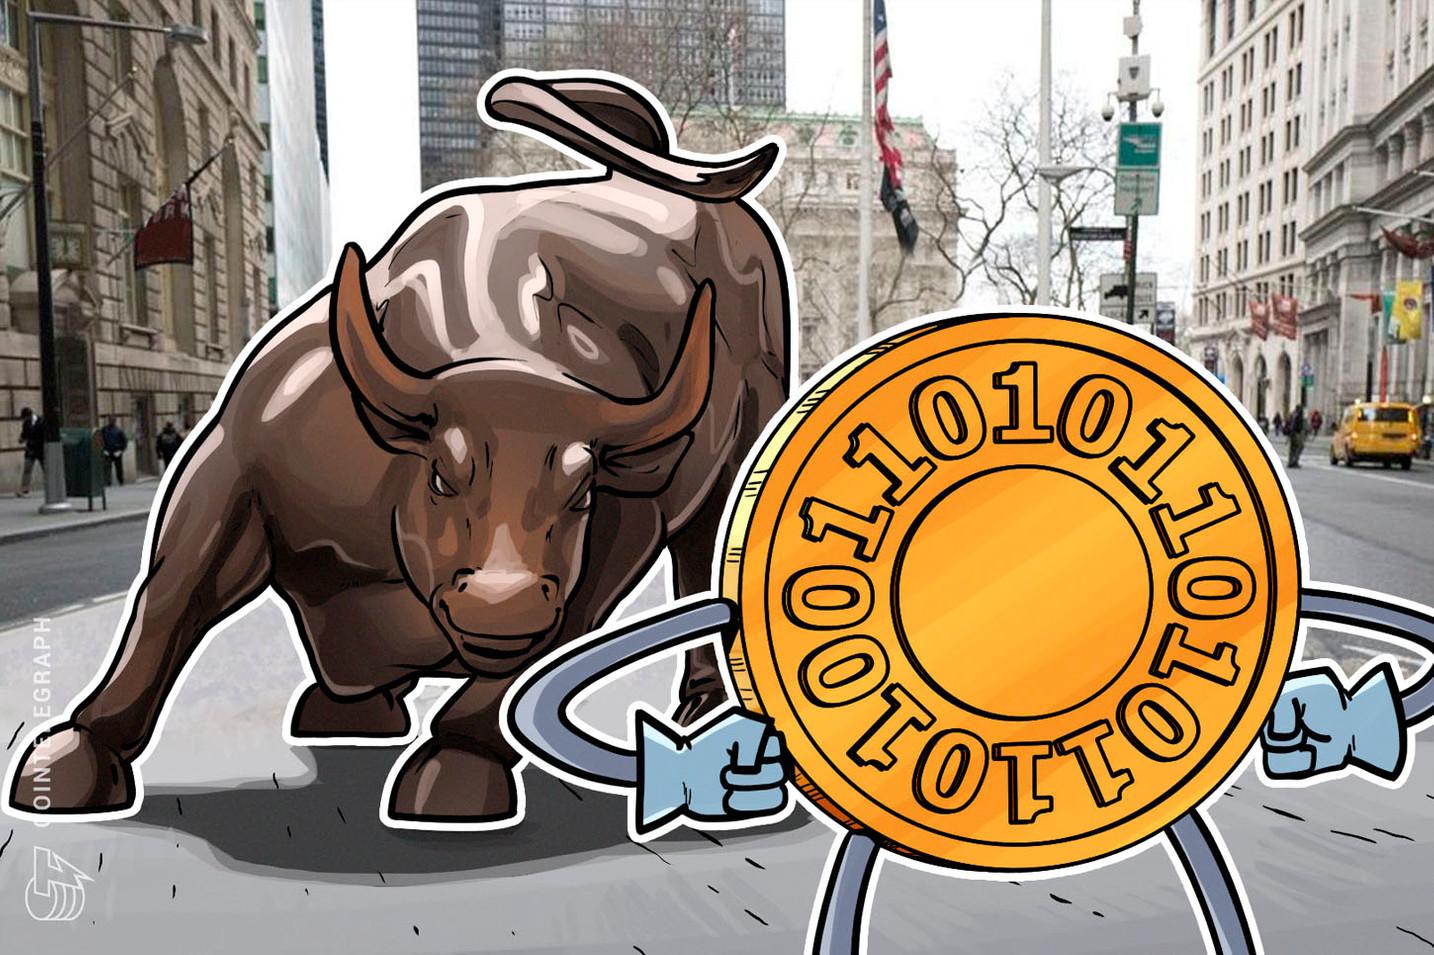 """Saxo Bank: Las criptomonedas podrían ver el mercado """"saltar"""" al alza en el segundo trimestre de 2018"""